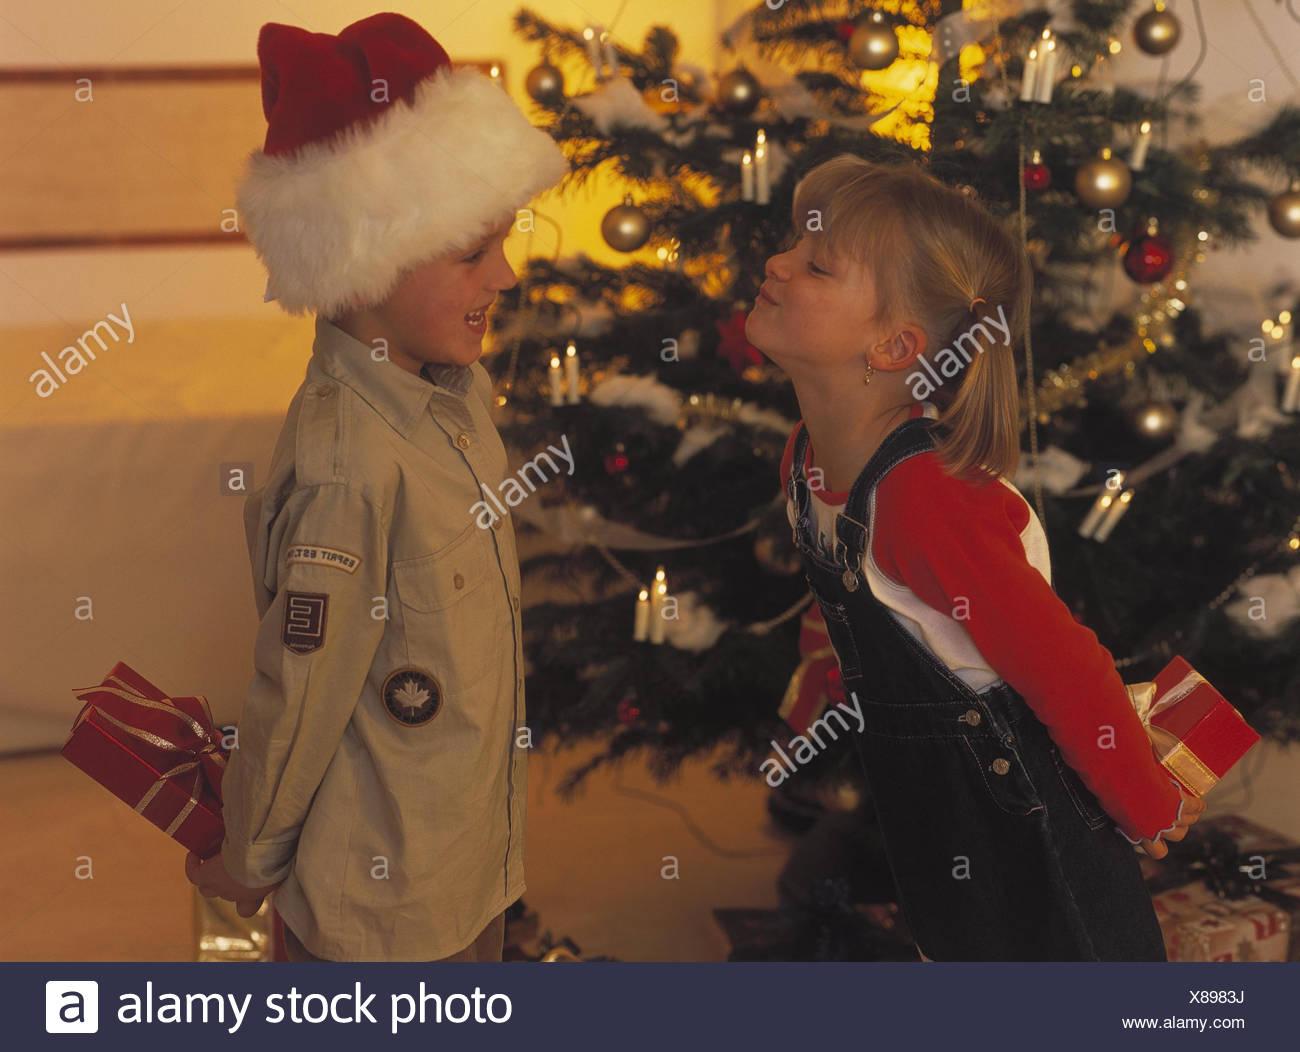 Weihnachten, Geschenke, Geschwister, Geste, glücklich Heiligabend ...